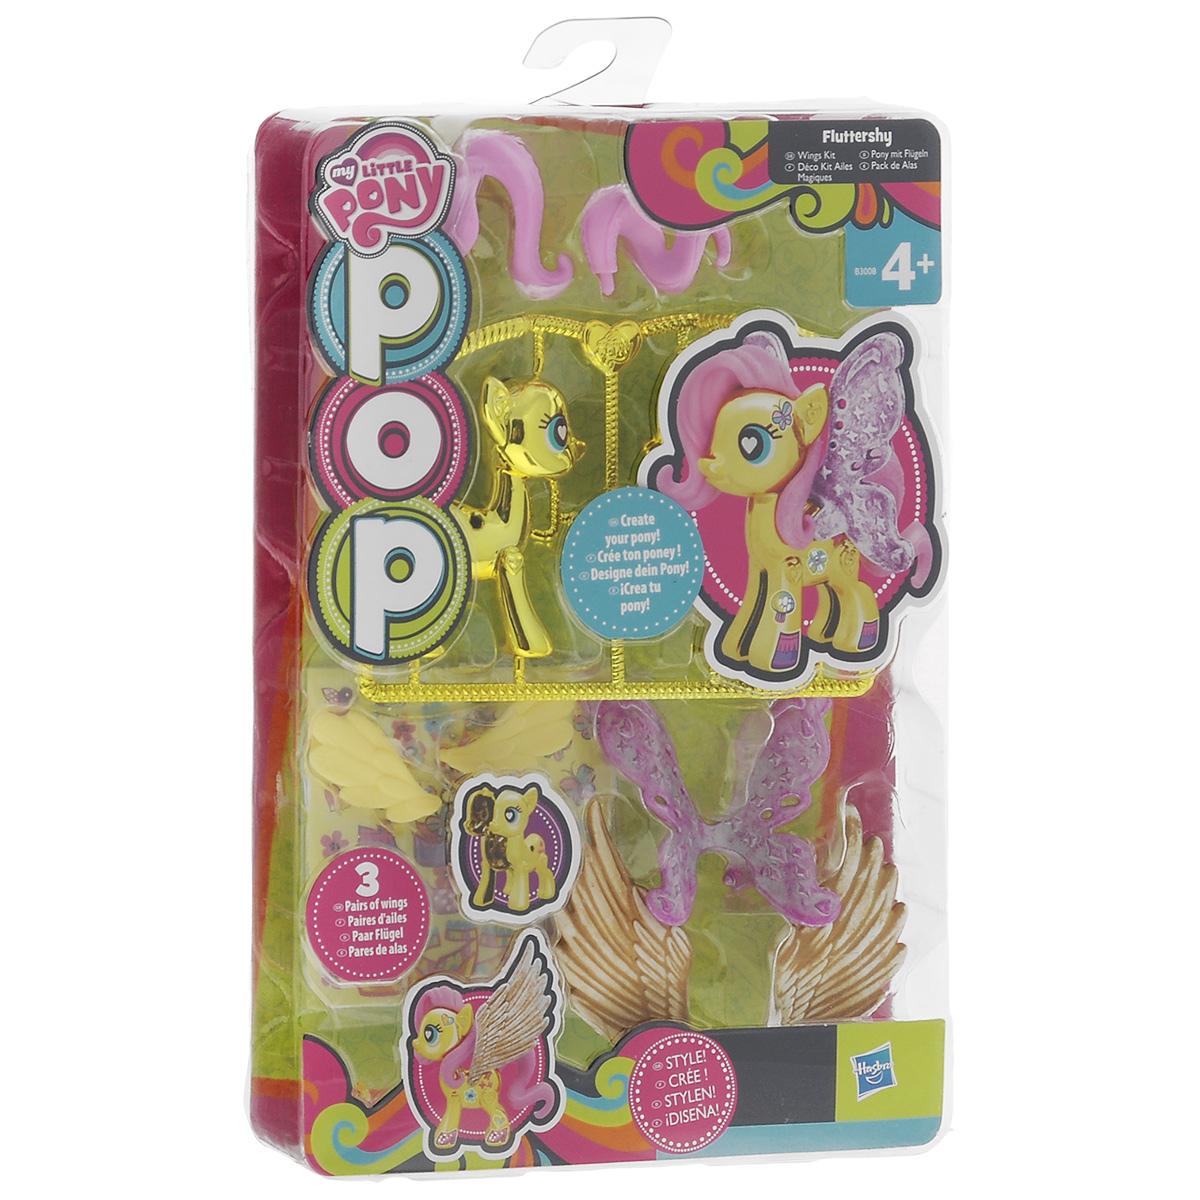 My Little Pony Игровой набор Fluttershy, с волшебными крыльямиB3590EU4Игровой набор Fluttershy откроет перед вашей малышкой невероятные возможности! Девочка сможет сама собрать свою любимую пони - или придумать уникальную, комбинируя элементы из разных наборов. В набор входят элементы фигурки пони Флаттершай - 2 детали туловища, грива, хвостик, 3 пары крыльев, а также лист с наклейками, которыми малышка сможет украсить пони по своему вкусу. Все элементы набора выполнены из прочного безопасного пластика. Все элементы набора легко соединяются друг с другом и собрать очаровательную пони не составит труда. Набор совместим с другими наборами из серии My Little Pony, что позволит малышке создать свою собственную, уникальную пони. Флаттершай - пони-пегас, являющаяся одной из главных героинь сериала My Little Pony. Она живет в маленьком доме возле Вечнозелёного леса и заботится о животных. Ее питомцем является кролик Энджел. Флаттершай воплощает элемент доброты.